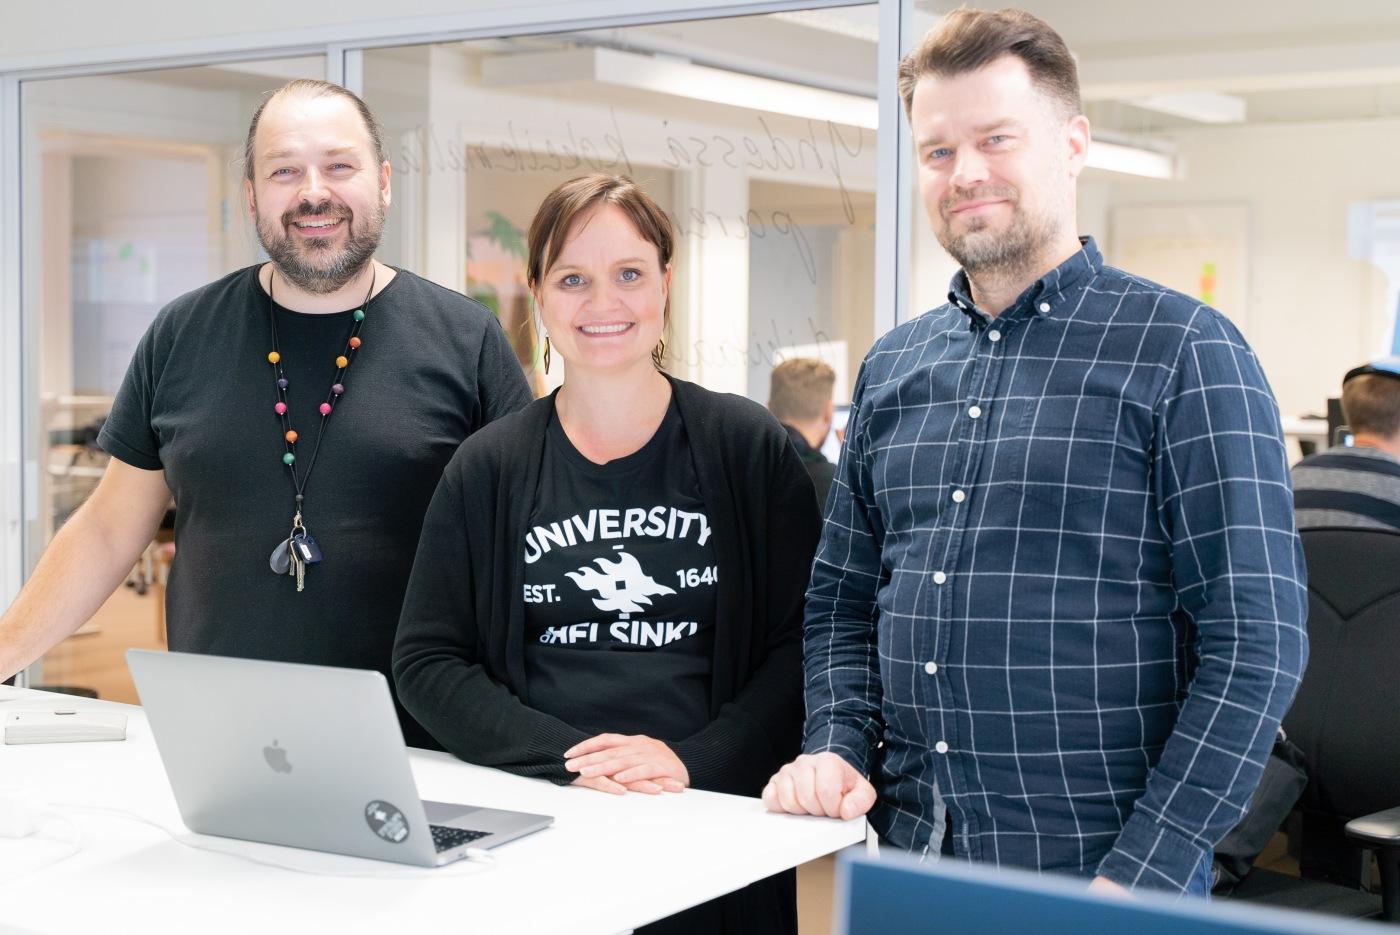 Mikko Hassinen, Pauliina Pajunen and Juha Sjöblom standing.